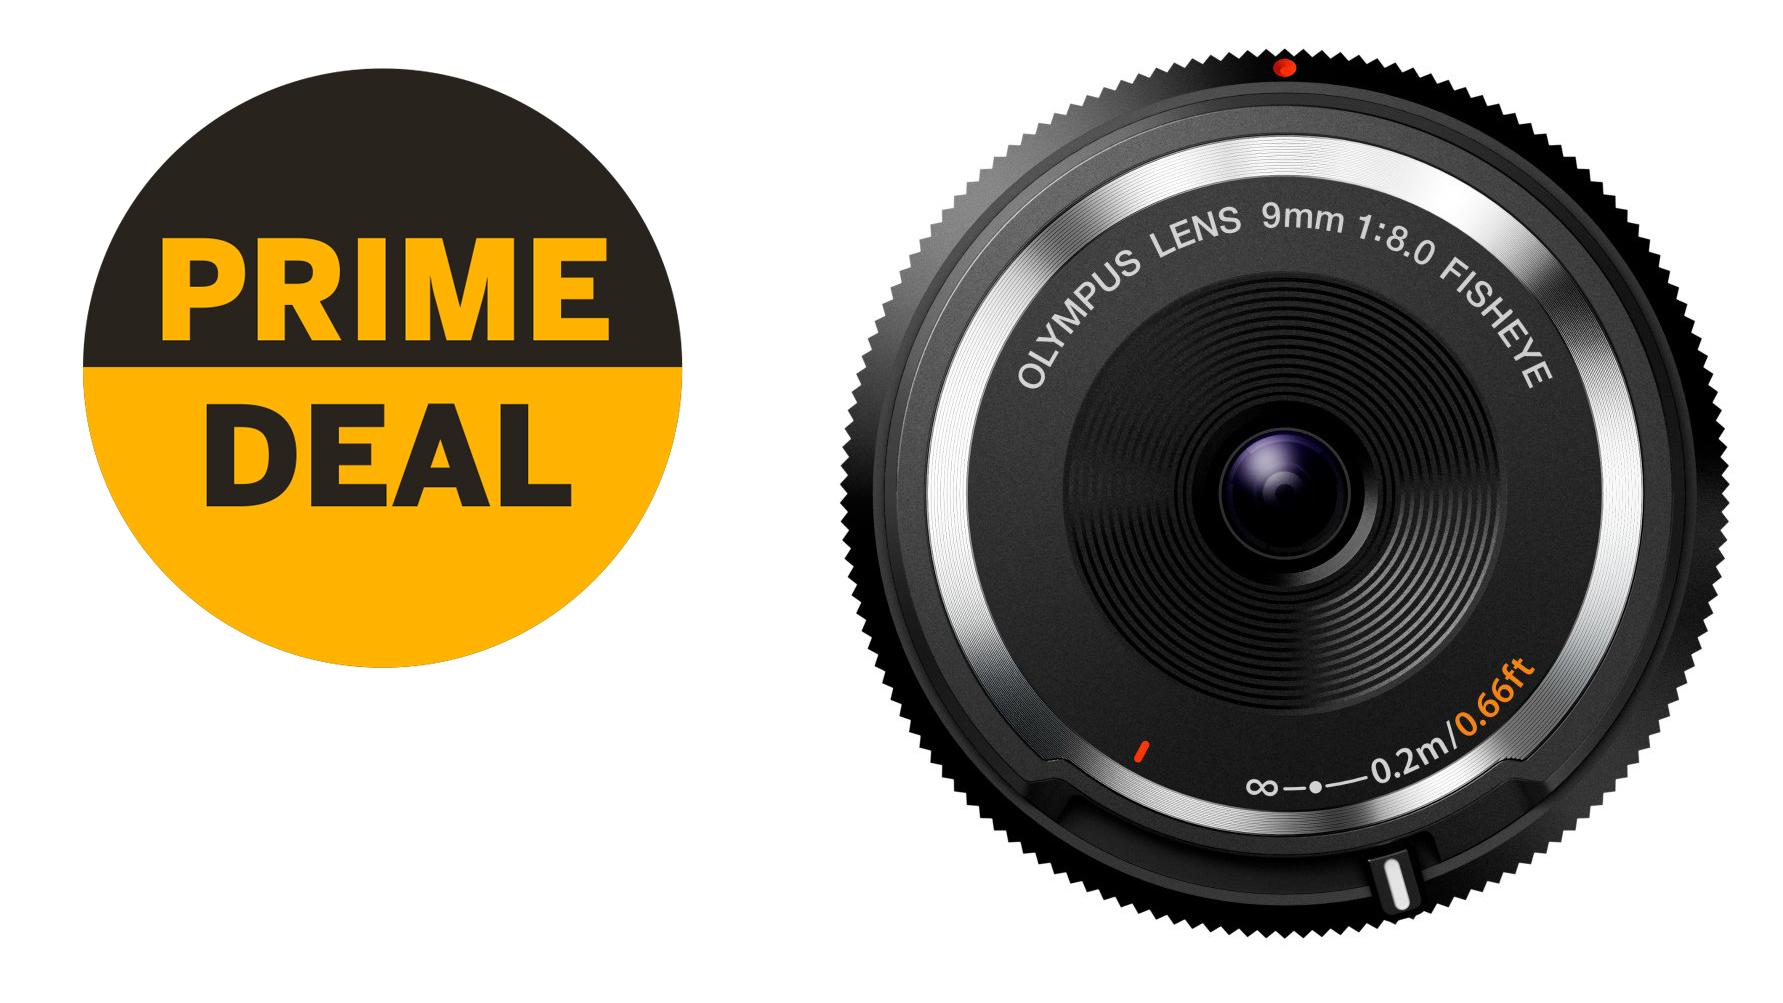 Bargain alert! Olympus 9mm Fisheye Body Cap Lens just £63 in Prime Day deal! | Digital Camera World